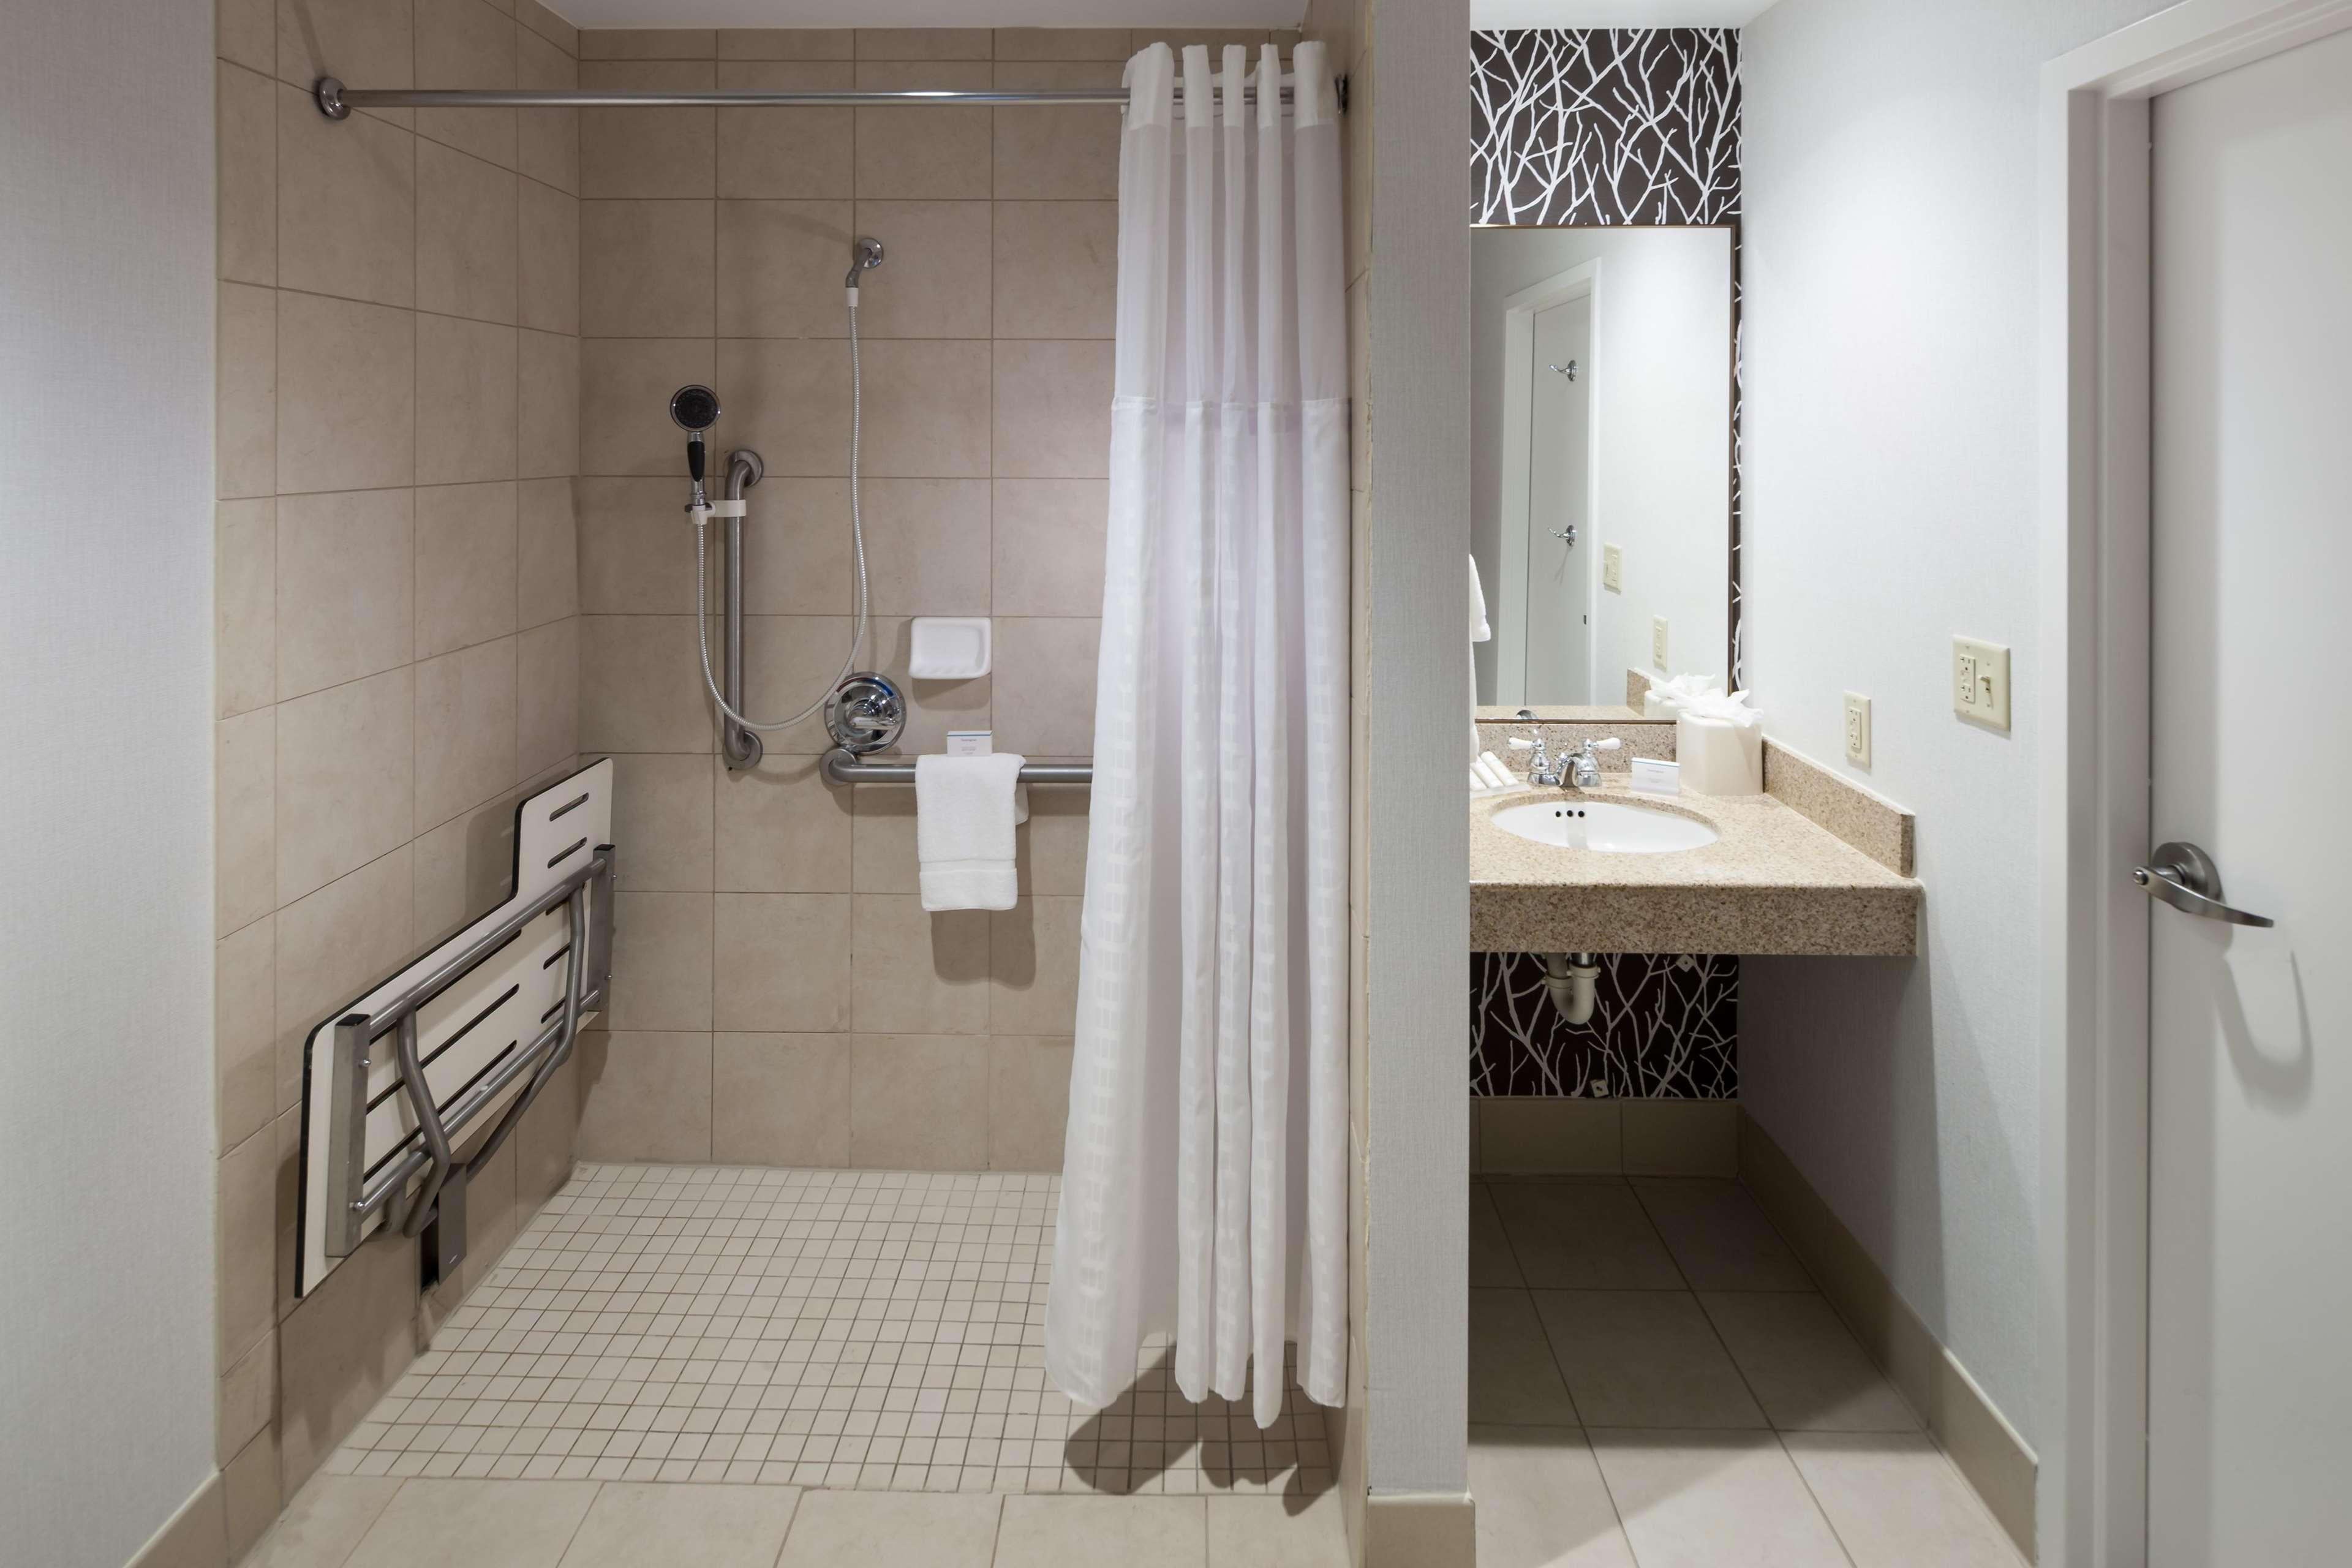 Hilton Garden Inn Frisco image 22